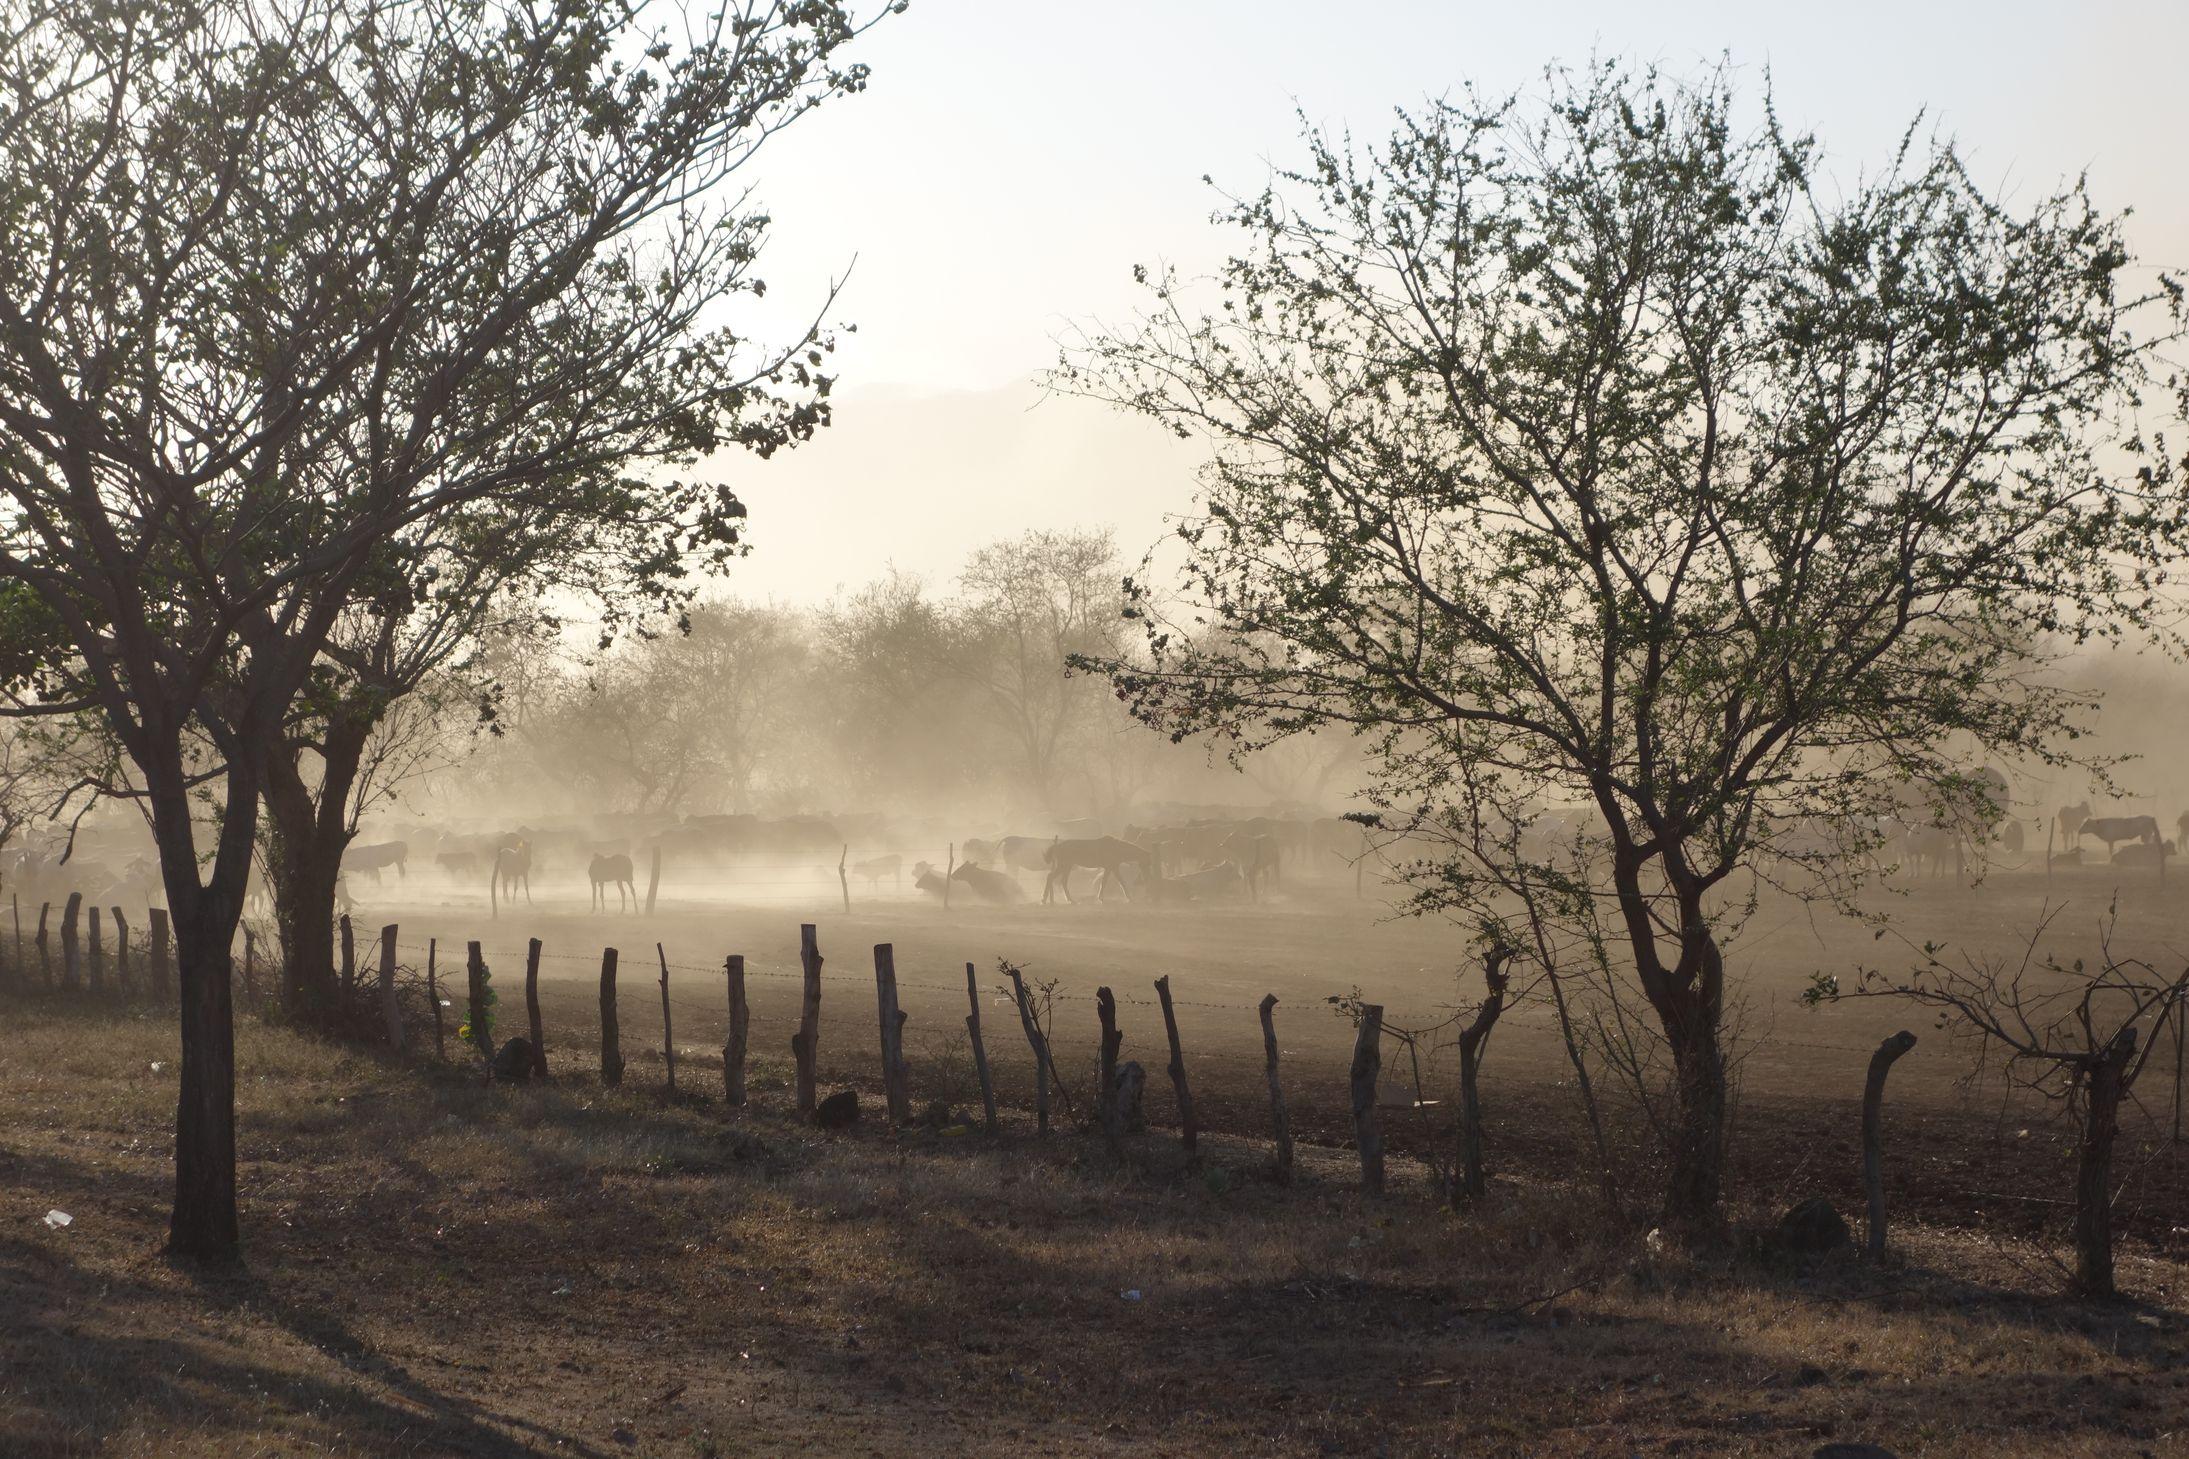 J166 à 171 : De Somoto au Cerro Negro, le Nord du Nicaragua